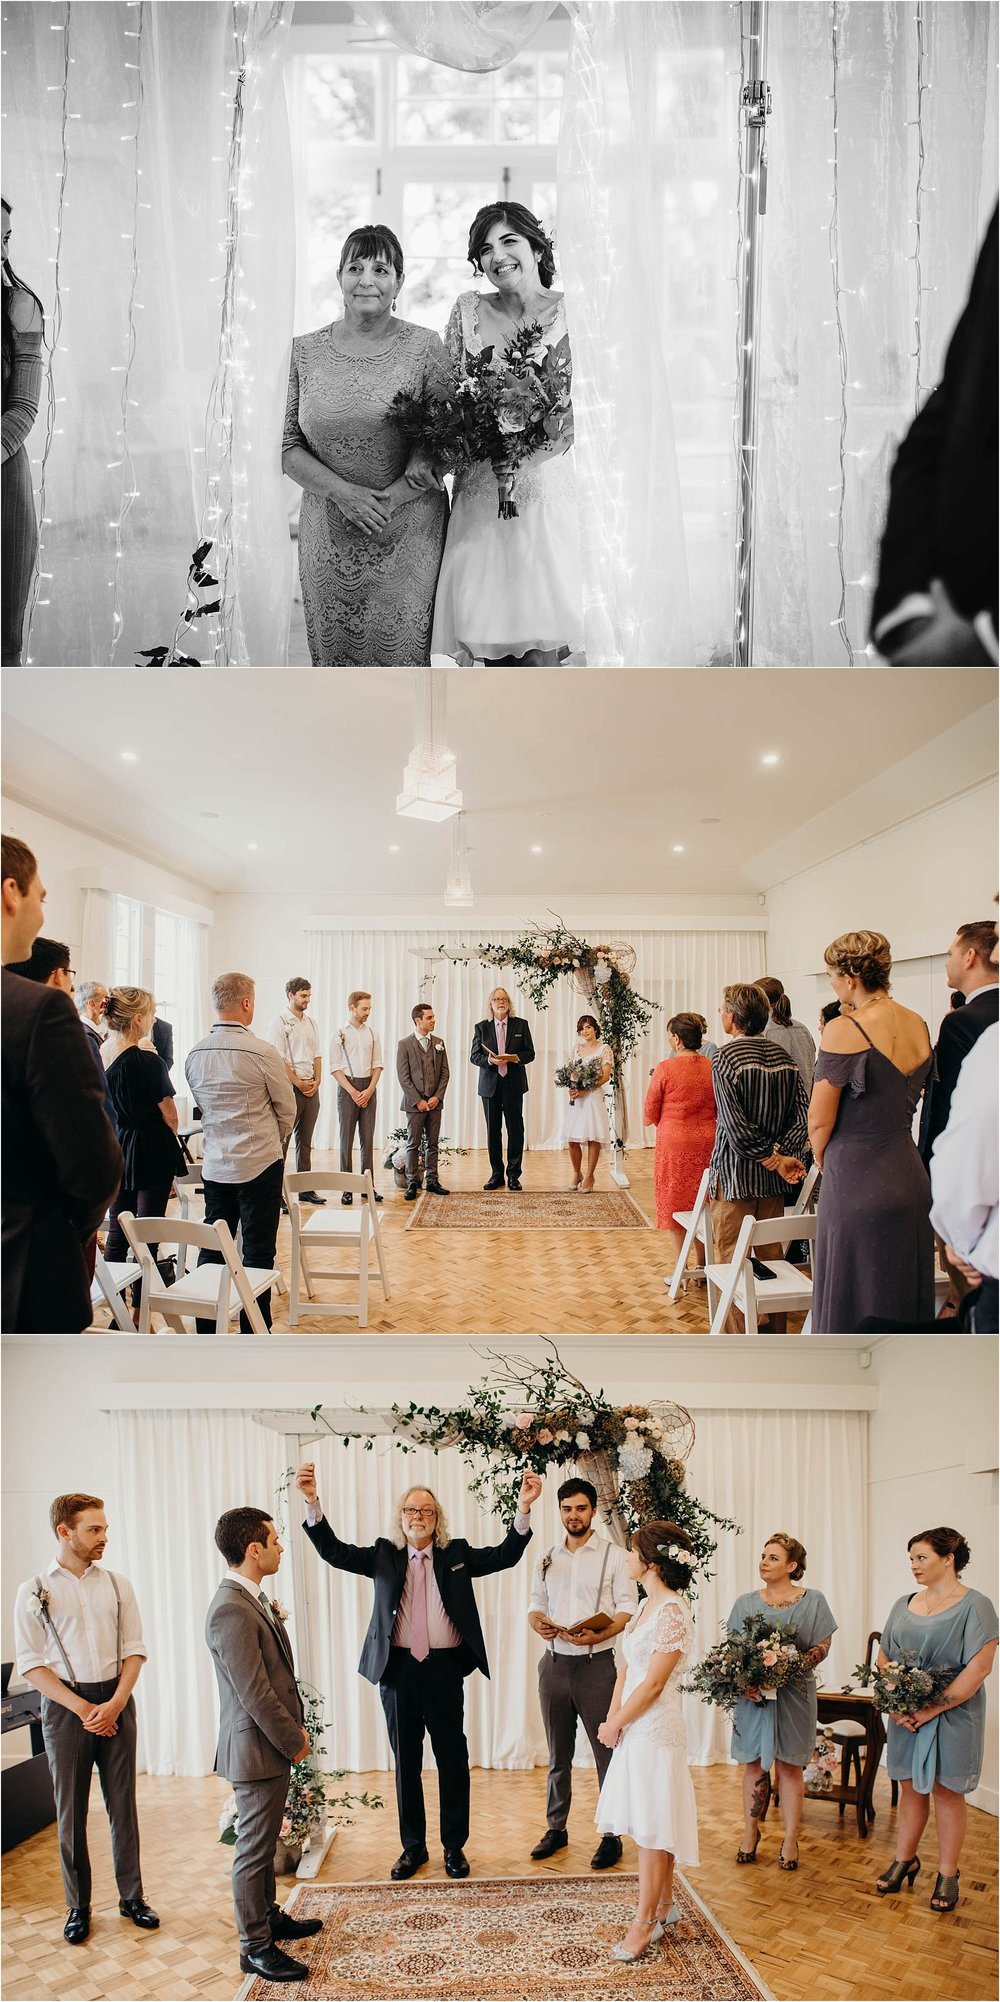 Auckland-Wedding-Photographer-Vanessa-Julian-Officers-Mess-Married_0022.jpg